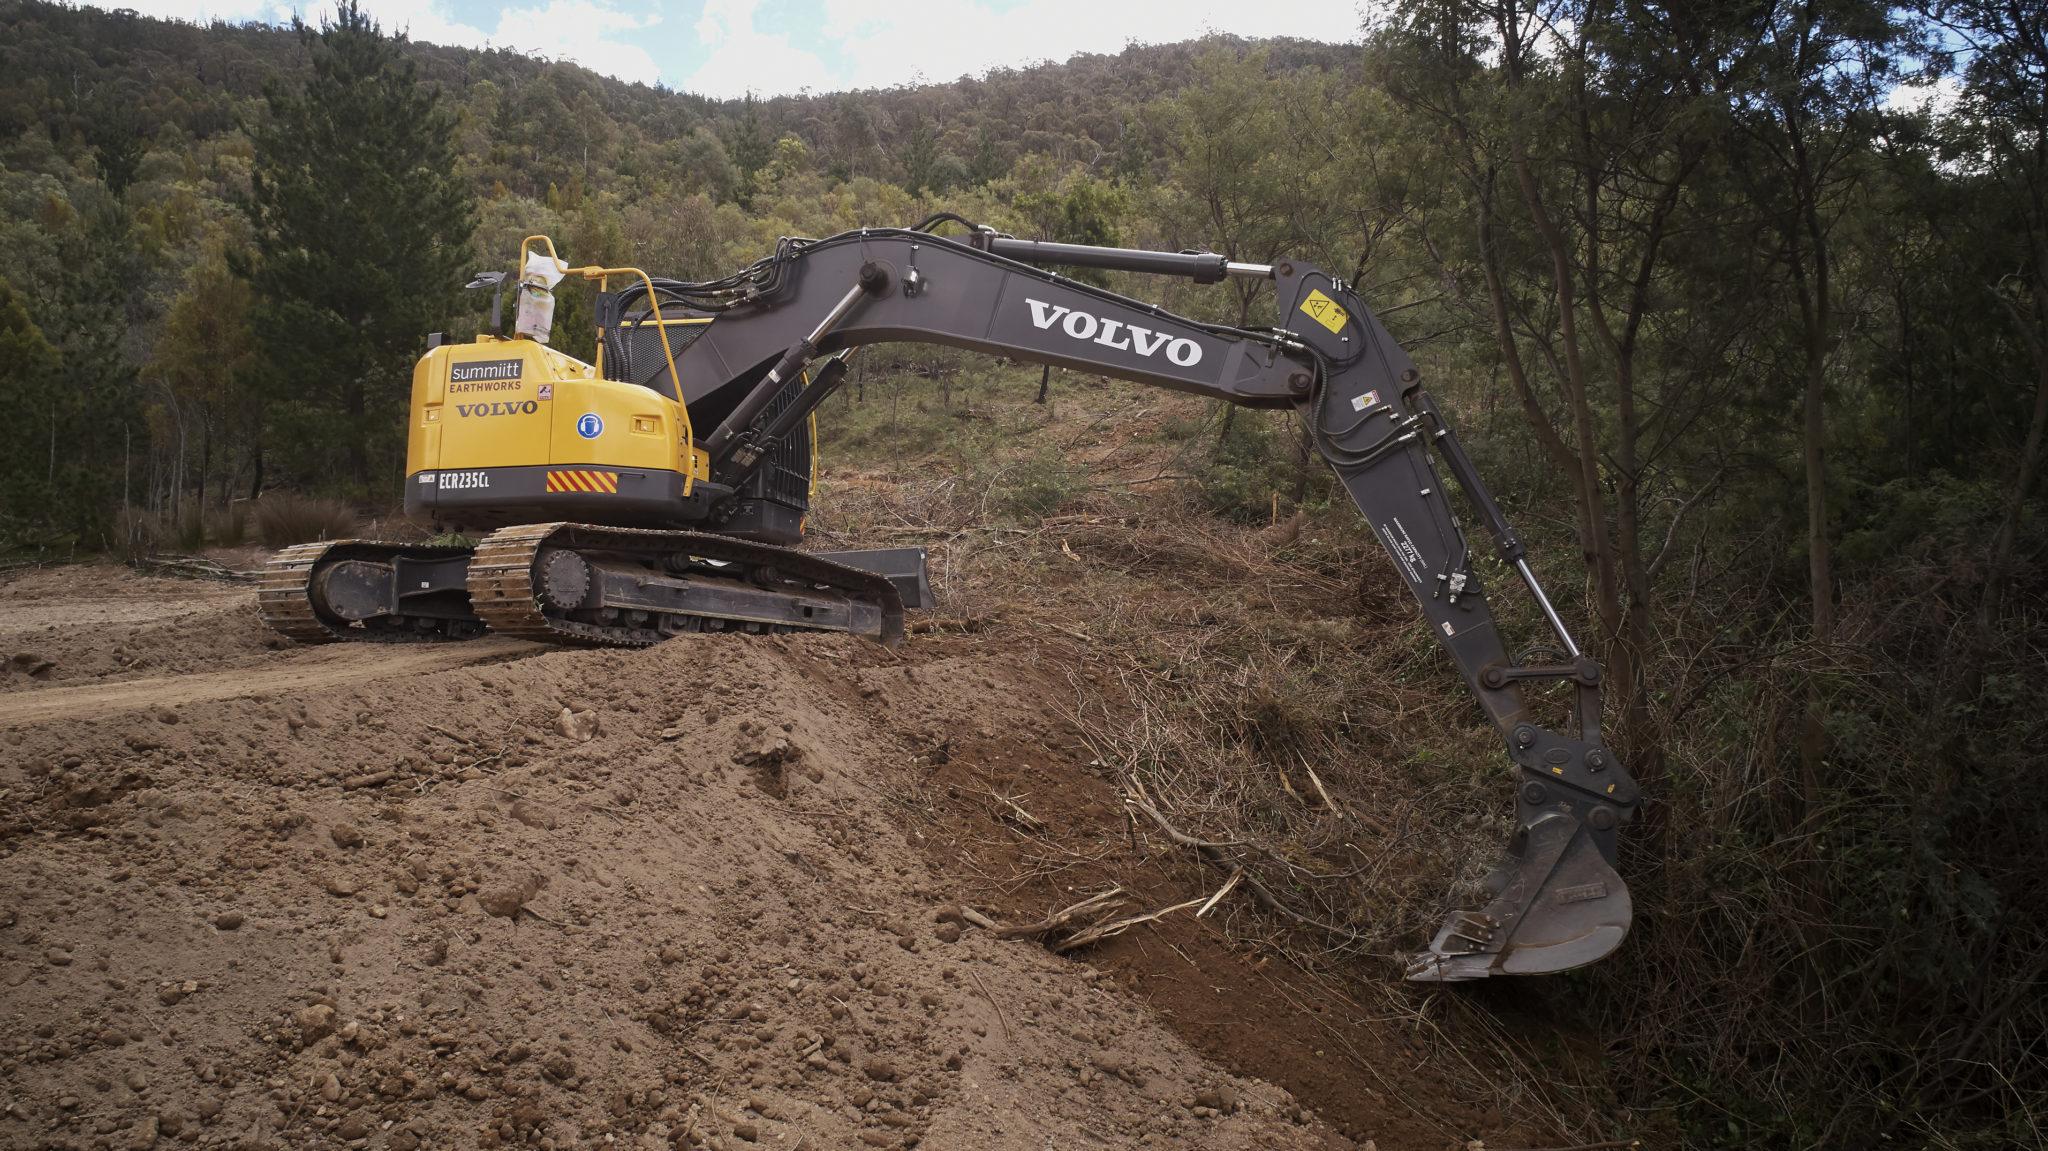 Summiitt Earthworks Partners with CJD Equipment 4